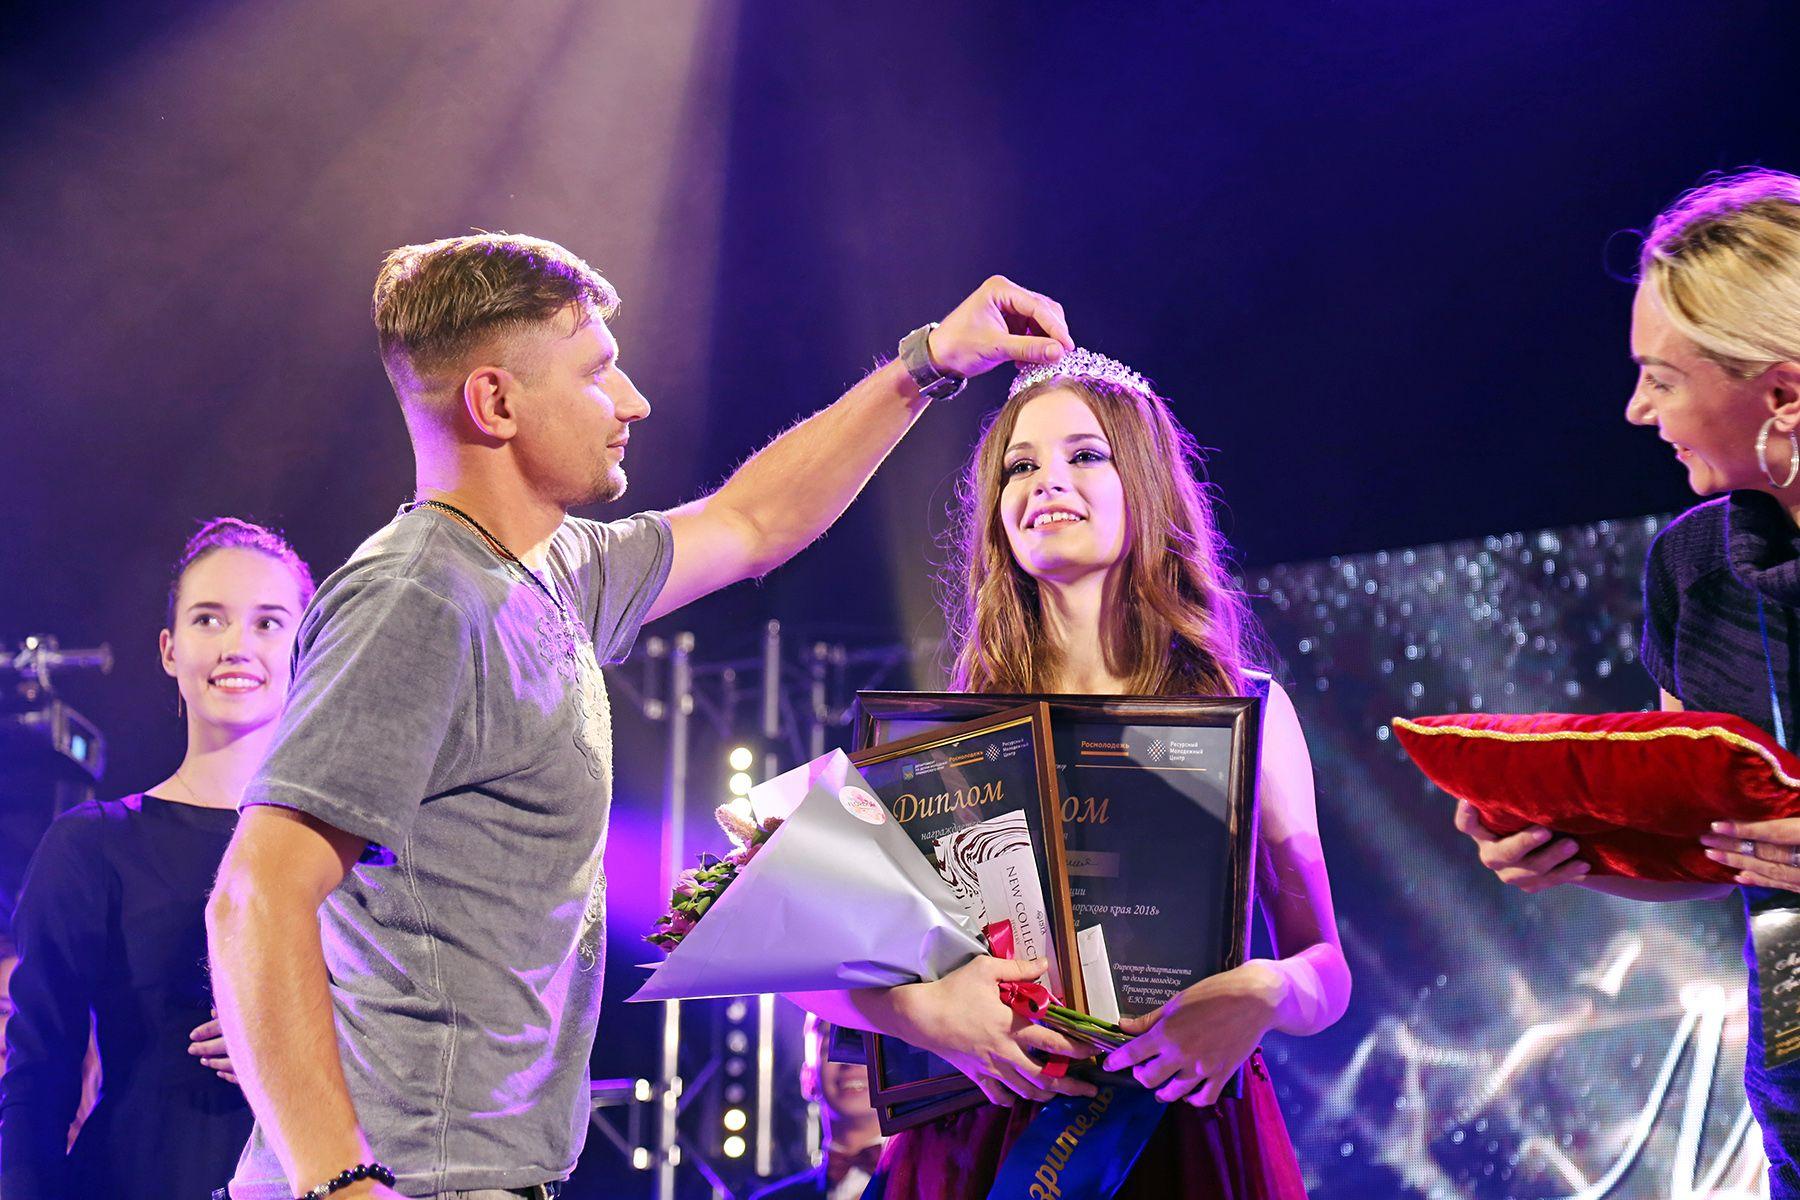 Определены финалисты V регионального конкурса «Мисс и Мистер Студенчество Приморского края 2019»